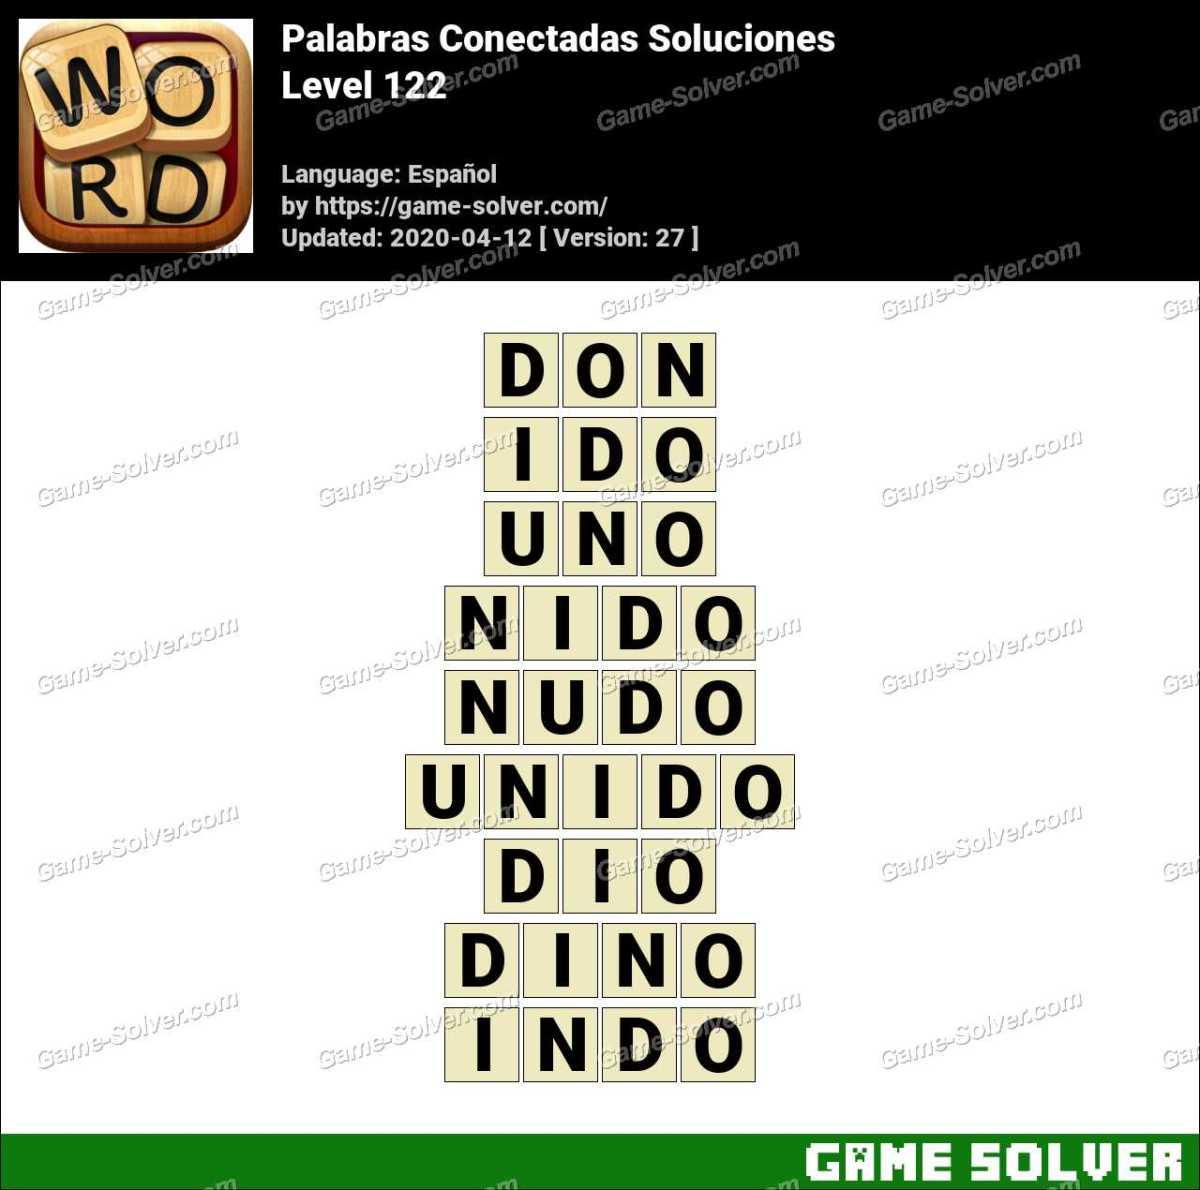 Palabras Conectadas Nivel 122 Soluciones